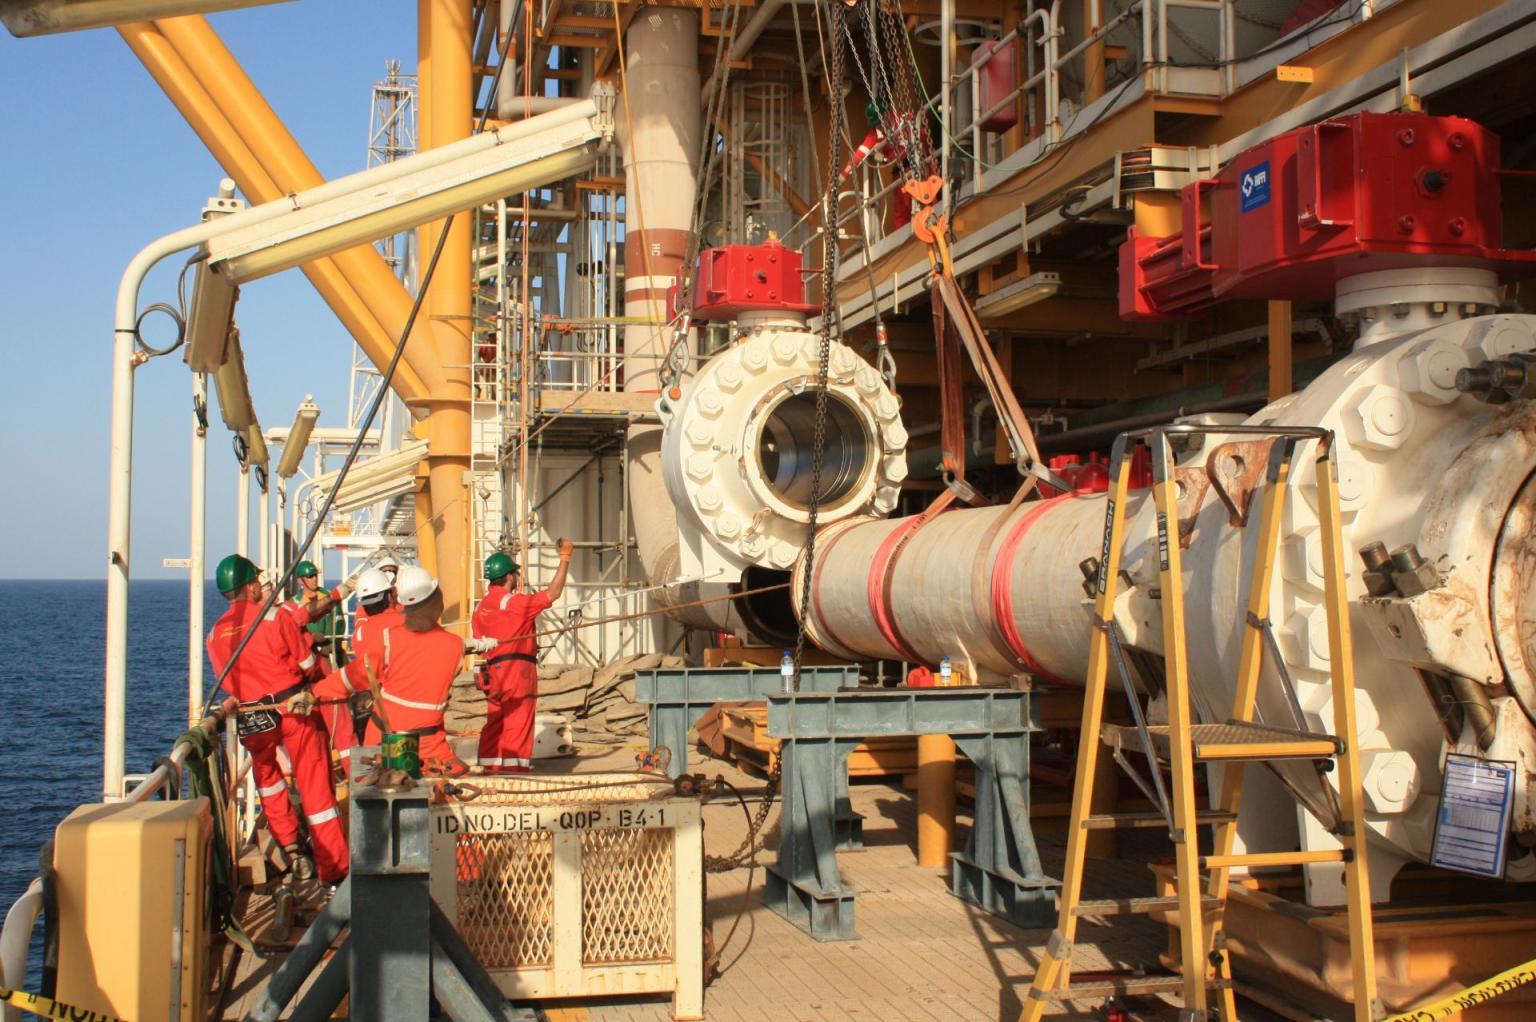 Soldadores, Eletricistas, Mecânicos e Técnicos convocados hoje (18/06) para vagas offshore em sondas de perfuração